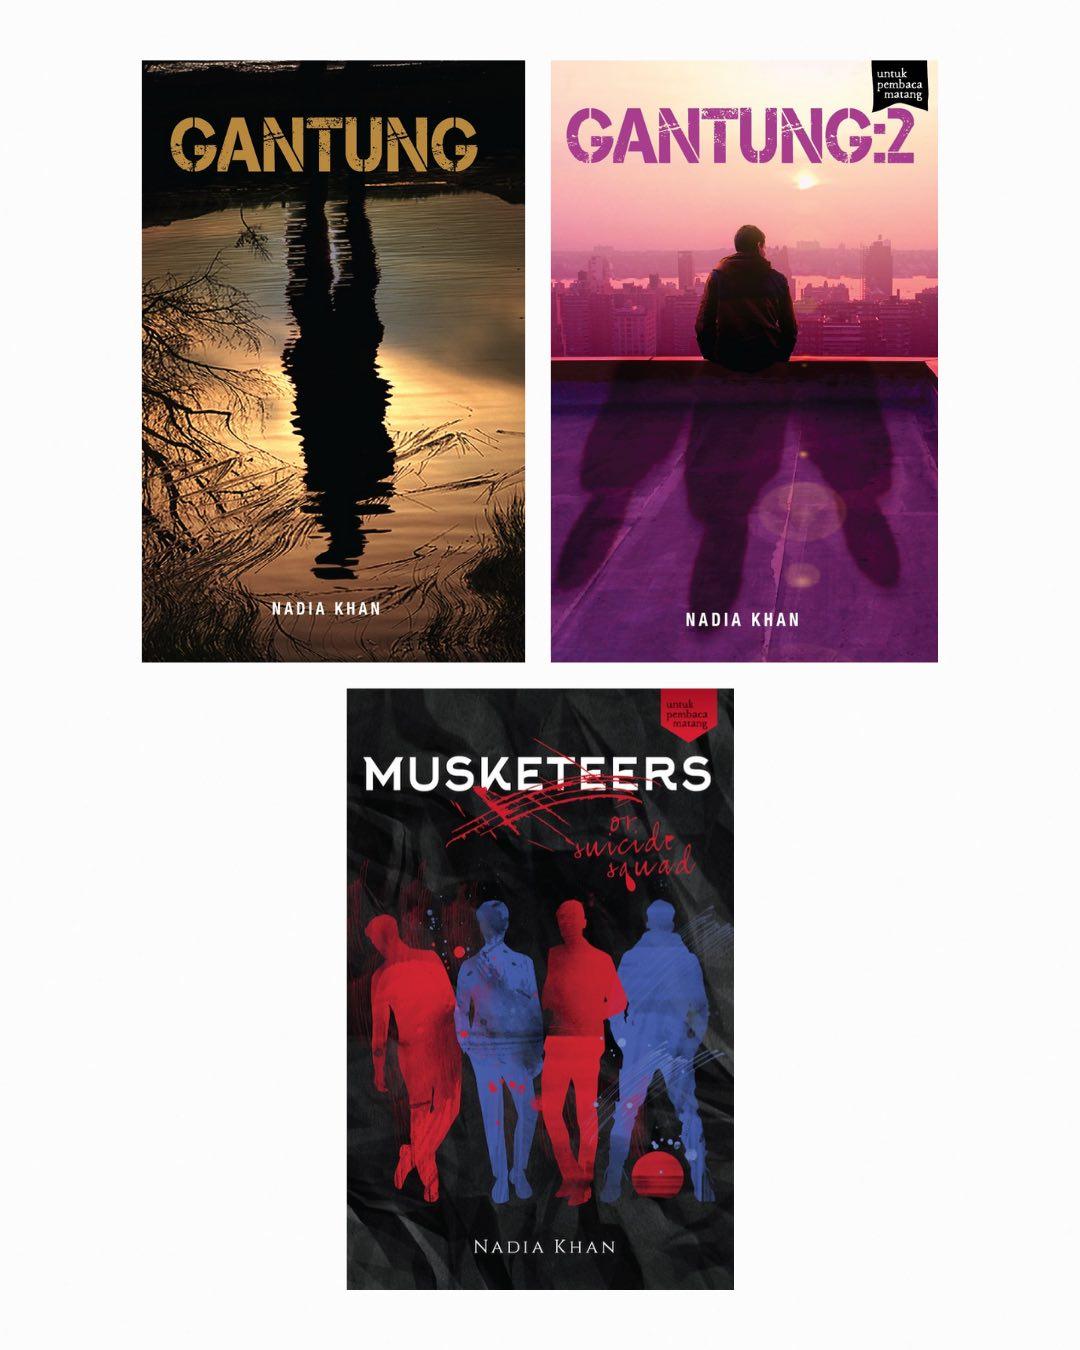 GANTUNG BOOK UNIVERSE (GBU)